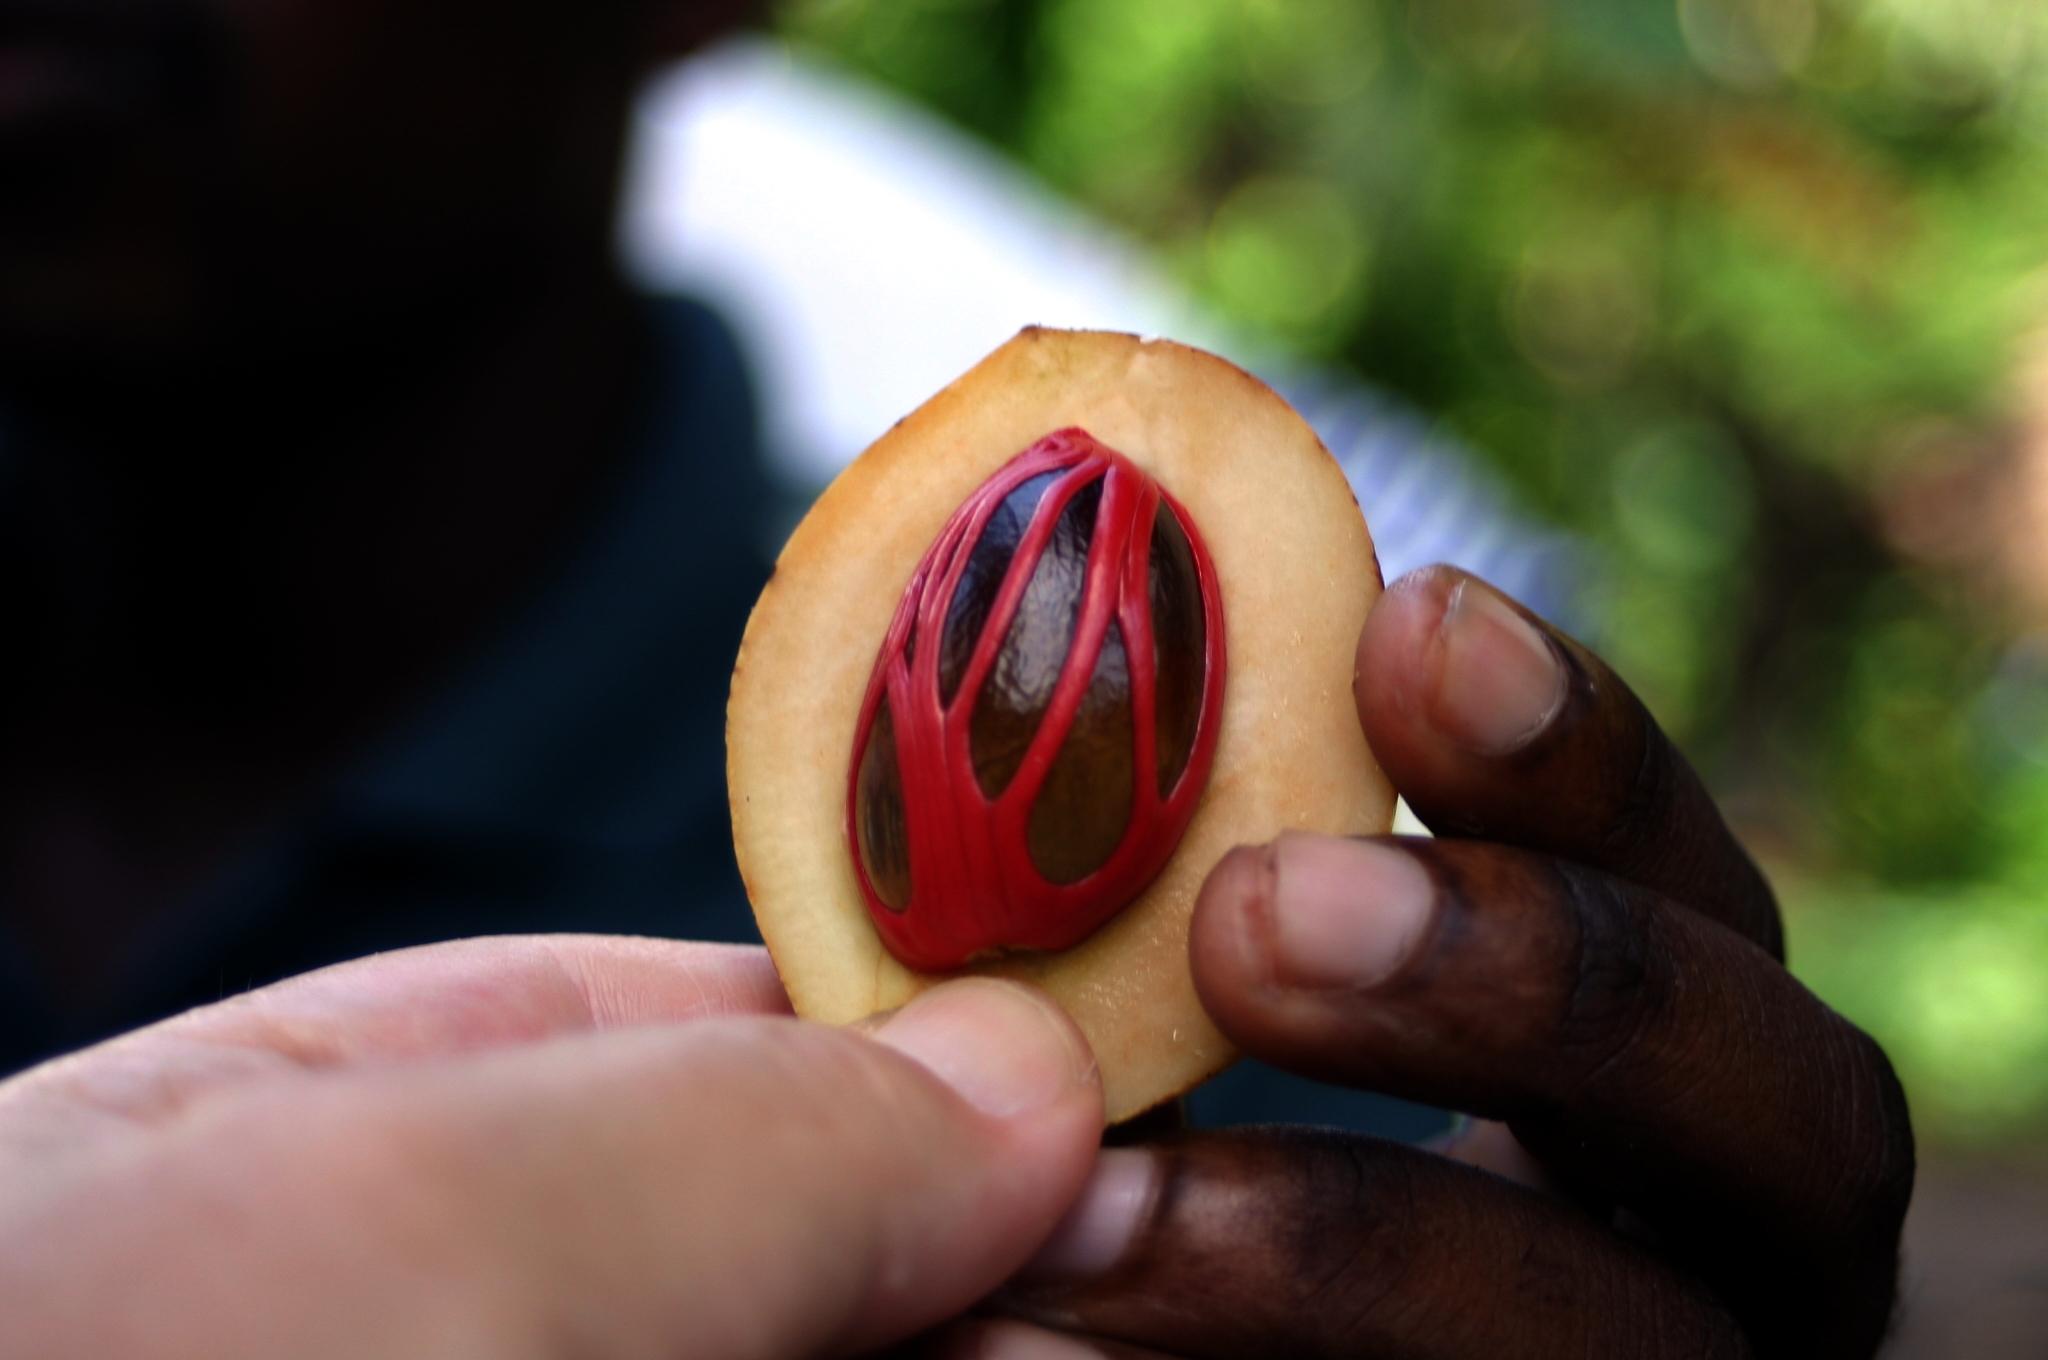 Il frutto della noce moscata con all'interno la spezia ancora parzialmente avvolta  dal guscio rosso (fonte: Wikipedia,org)